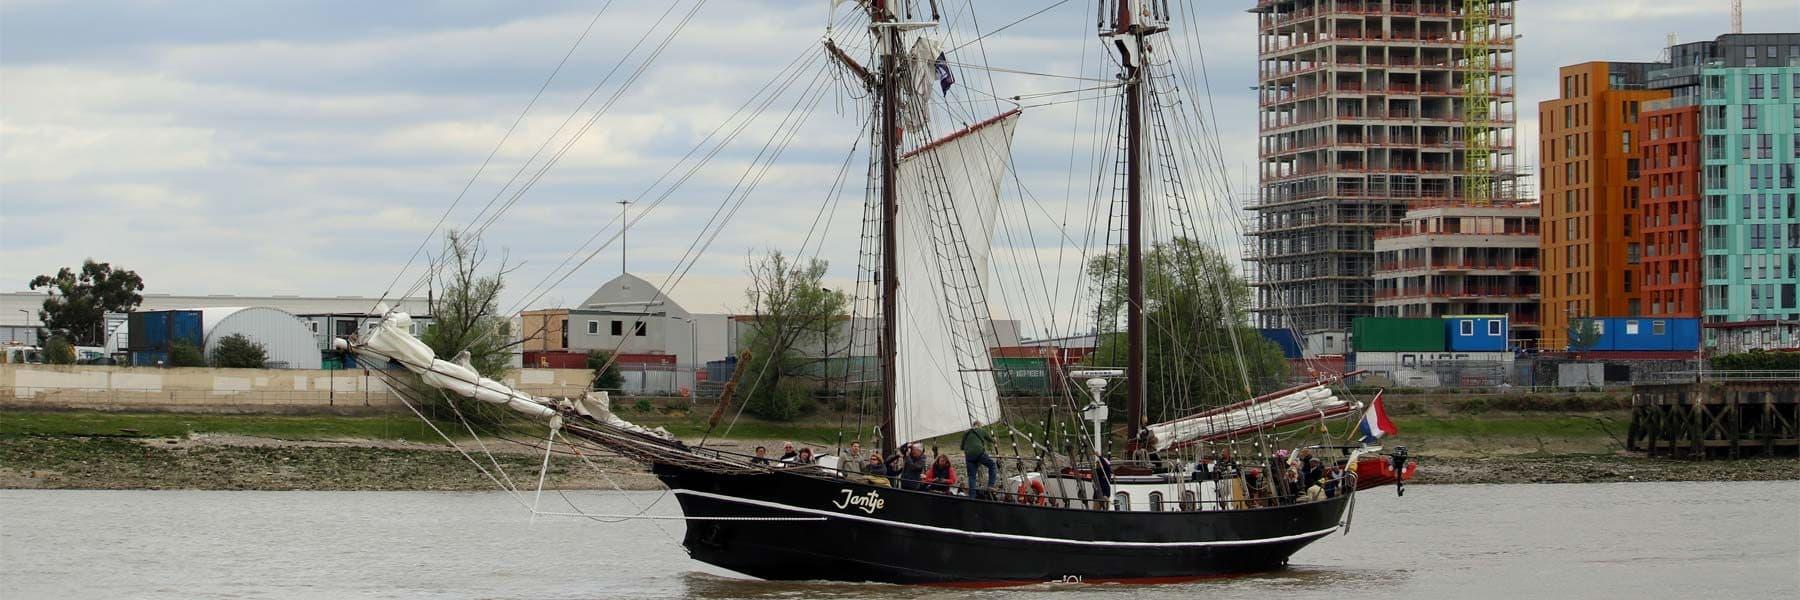 Tall Ship Jantje at the Royal Borough of Greenwich